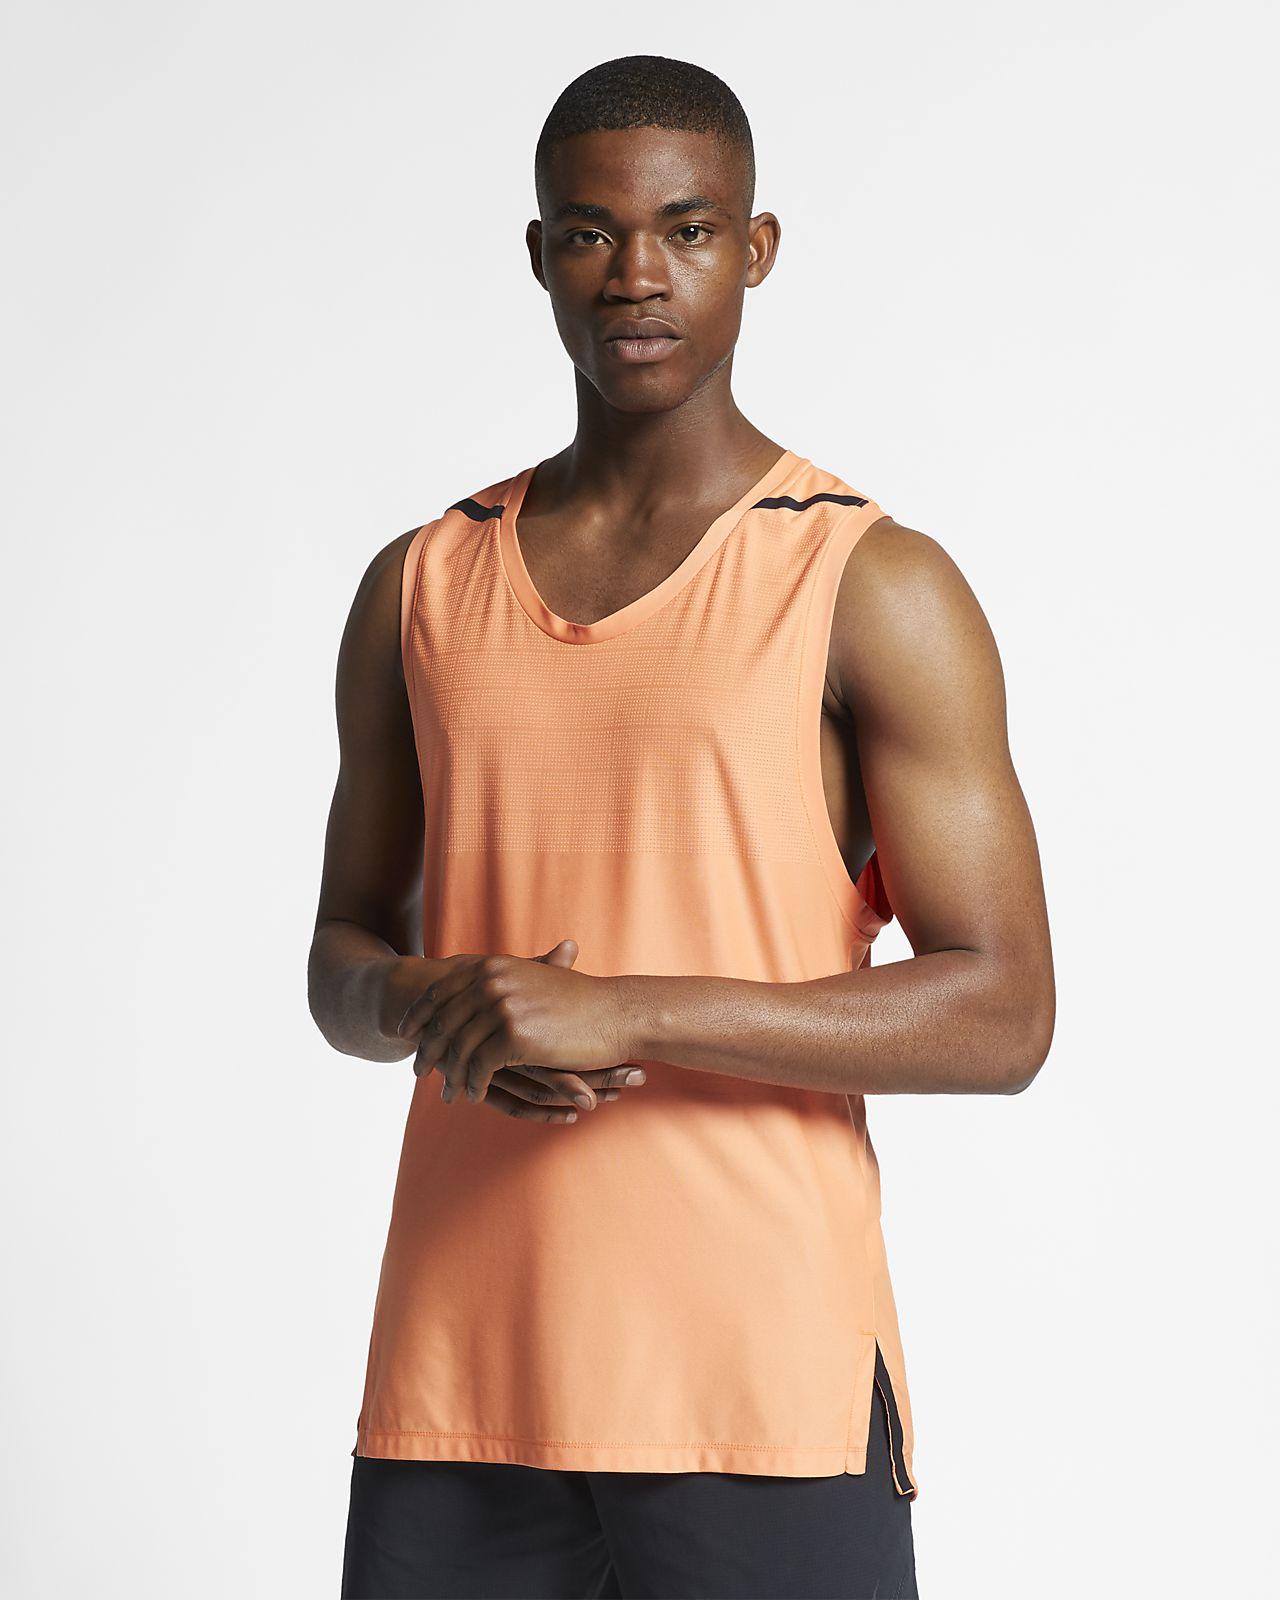 Camisola de treino sem mangas Nike Dri-FIT Tech Pack para homem